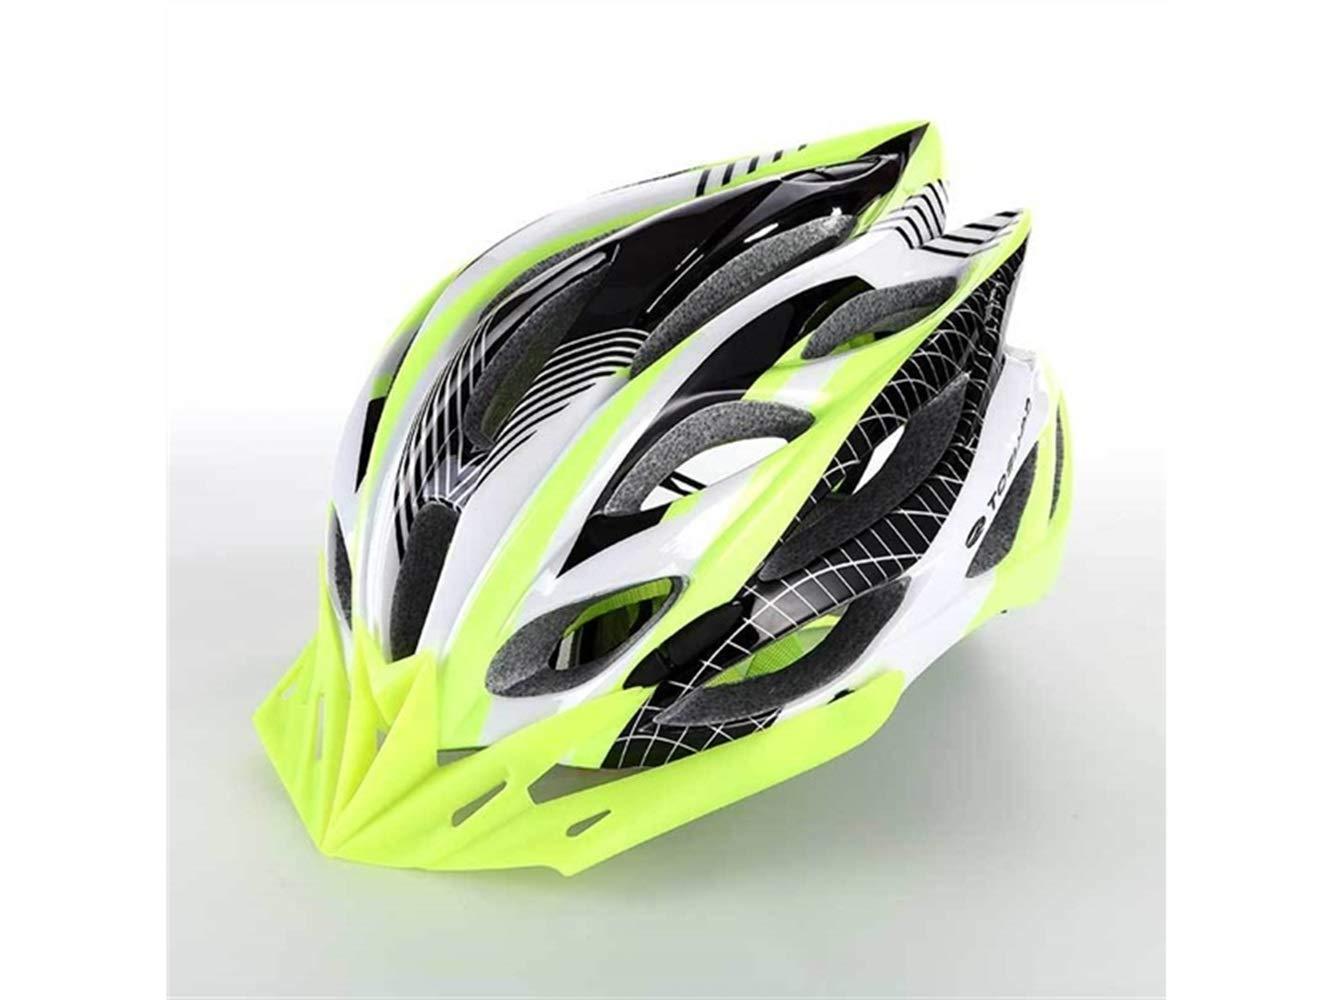 AHIMITSU Casco da Ciclismo Casco Moto da Donna Casco da Uomo One-Piece Casco da Bicicletta da Montagna poroso (Verde + Nero) Articoli Sportivi